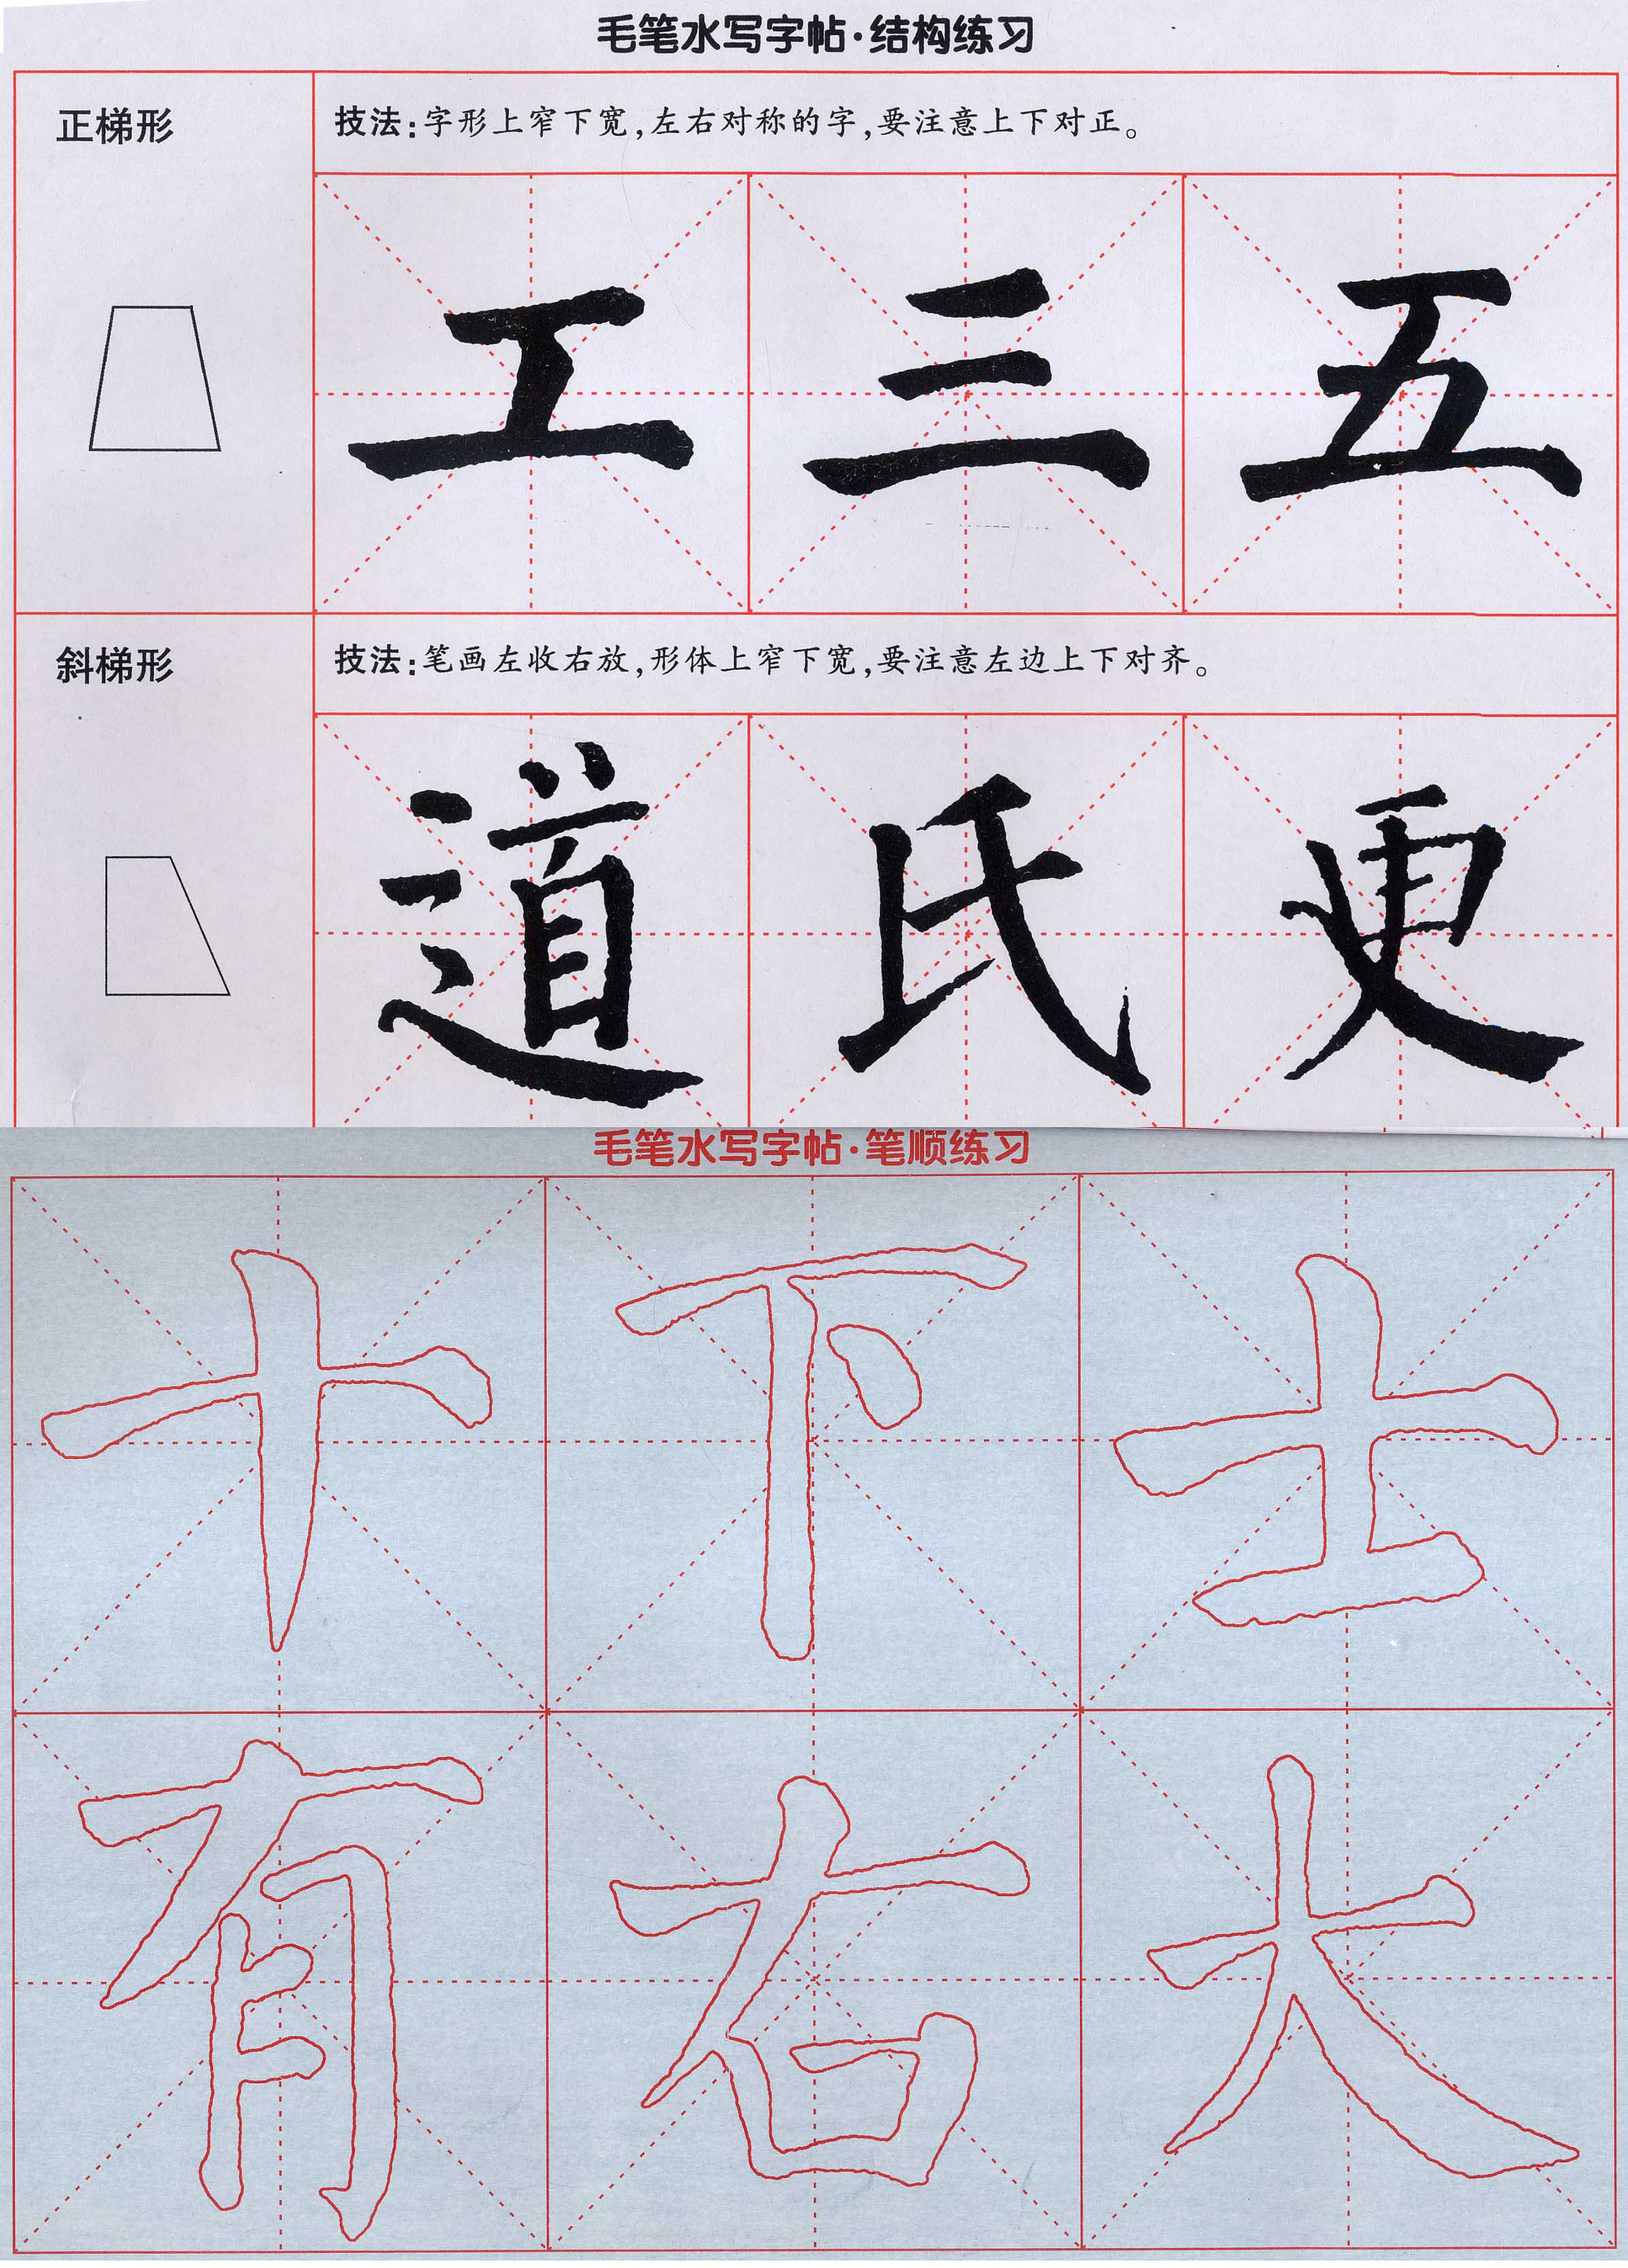 书法教学,飞字的正确笔顺是这样写的,你写对了吗图片